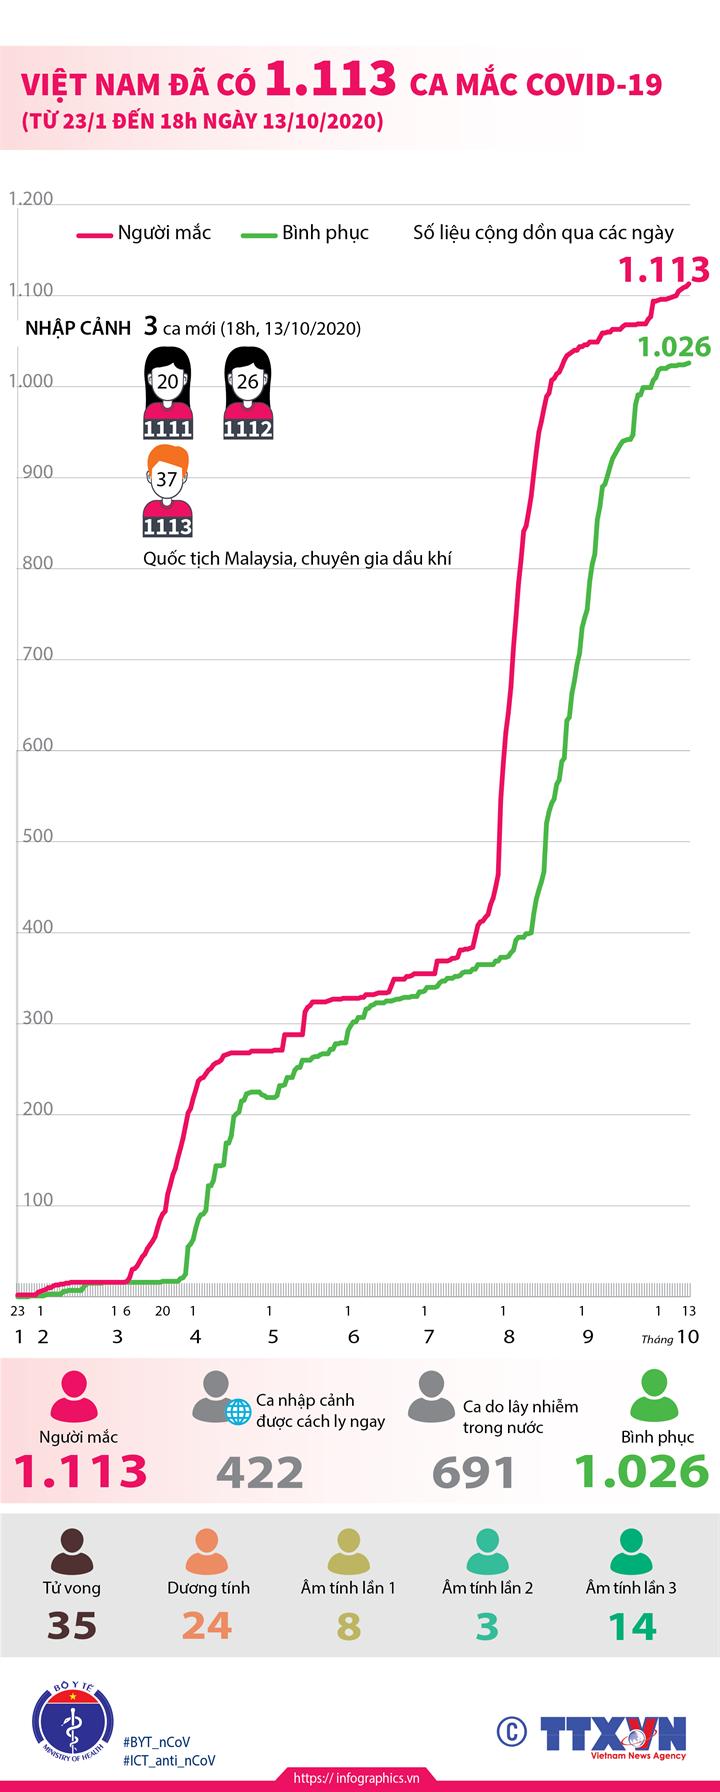 Việt Nam đã có 1.113 ca mắc COVID-19 từ 23/1 đến 18h ngày 13/10/2020)